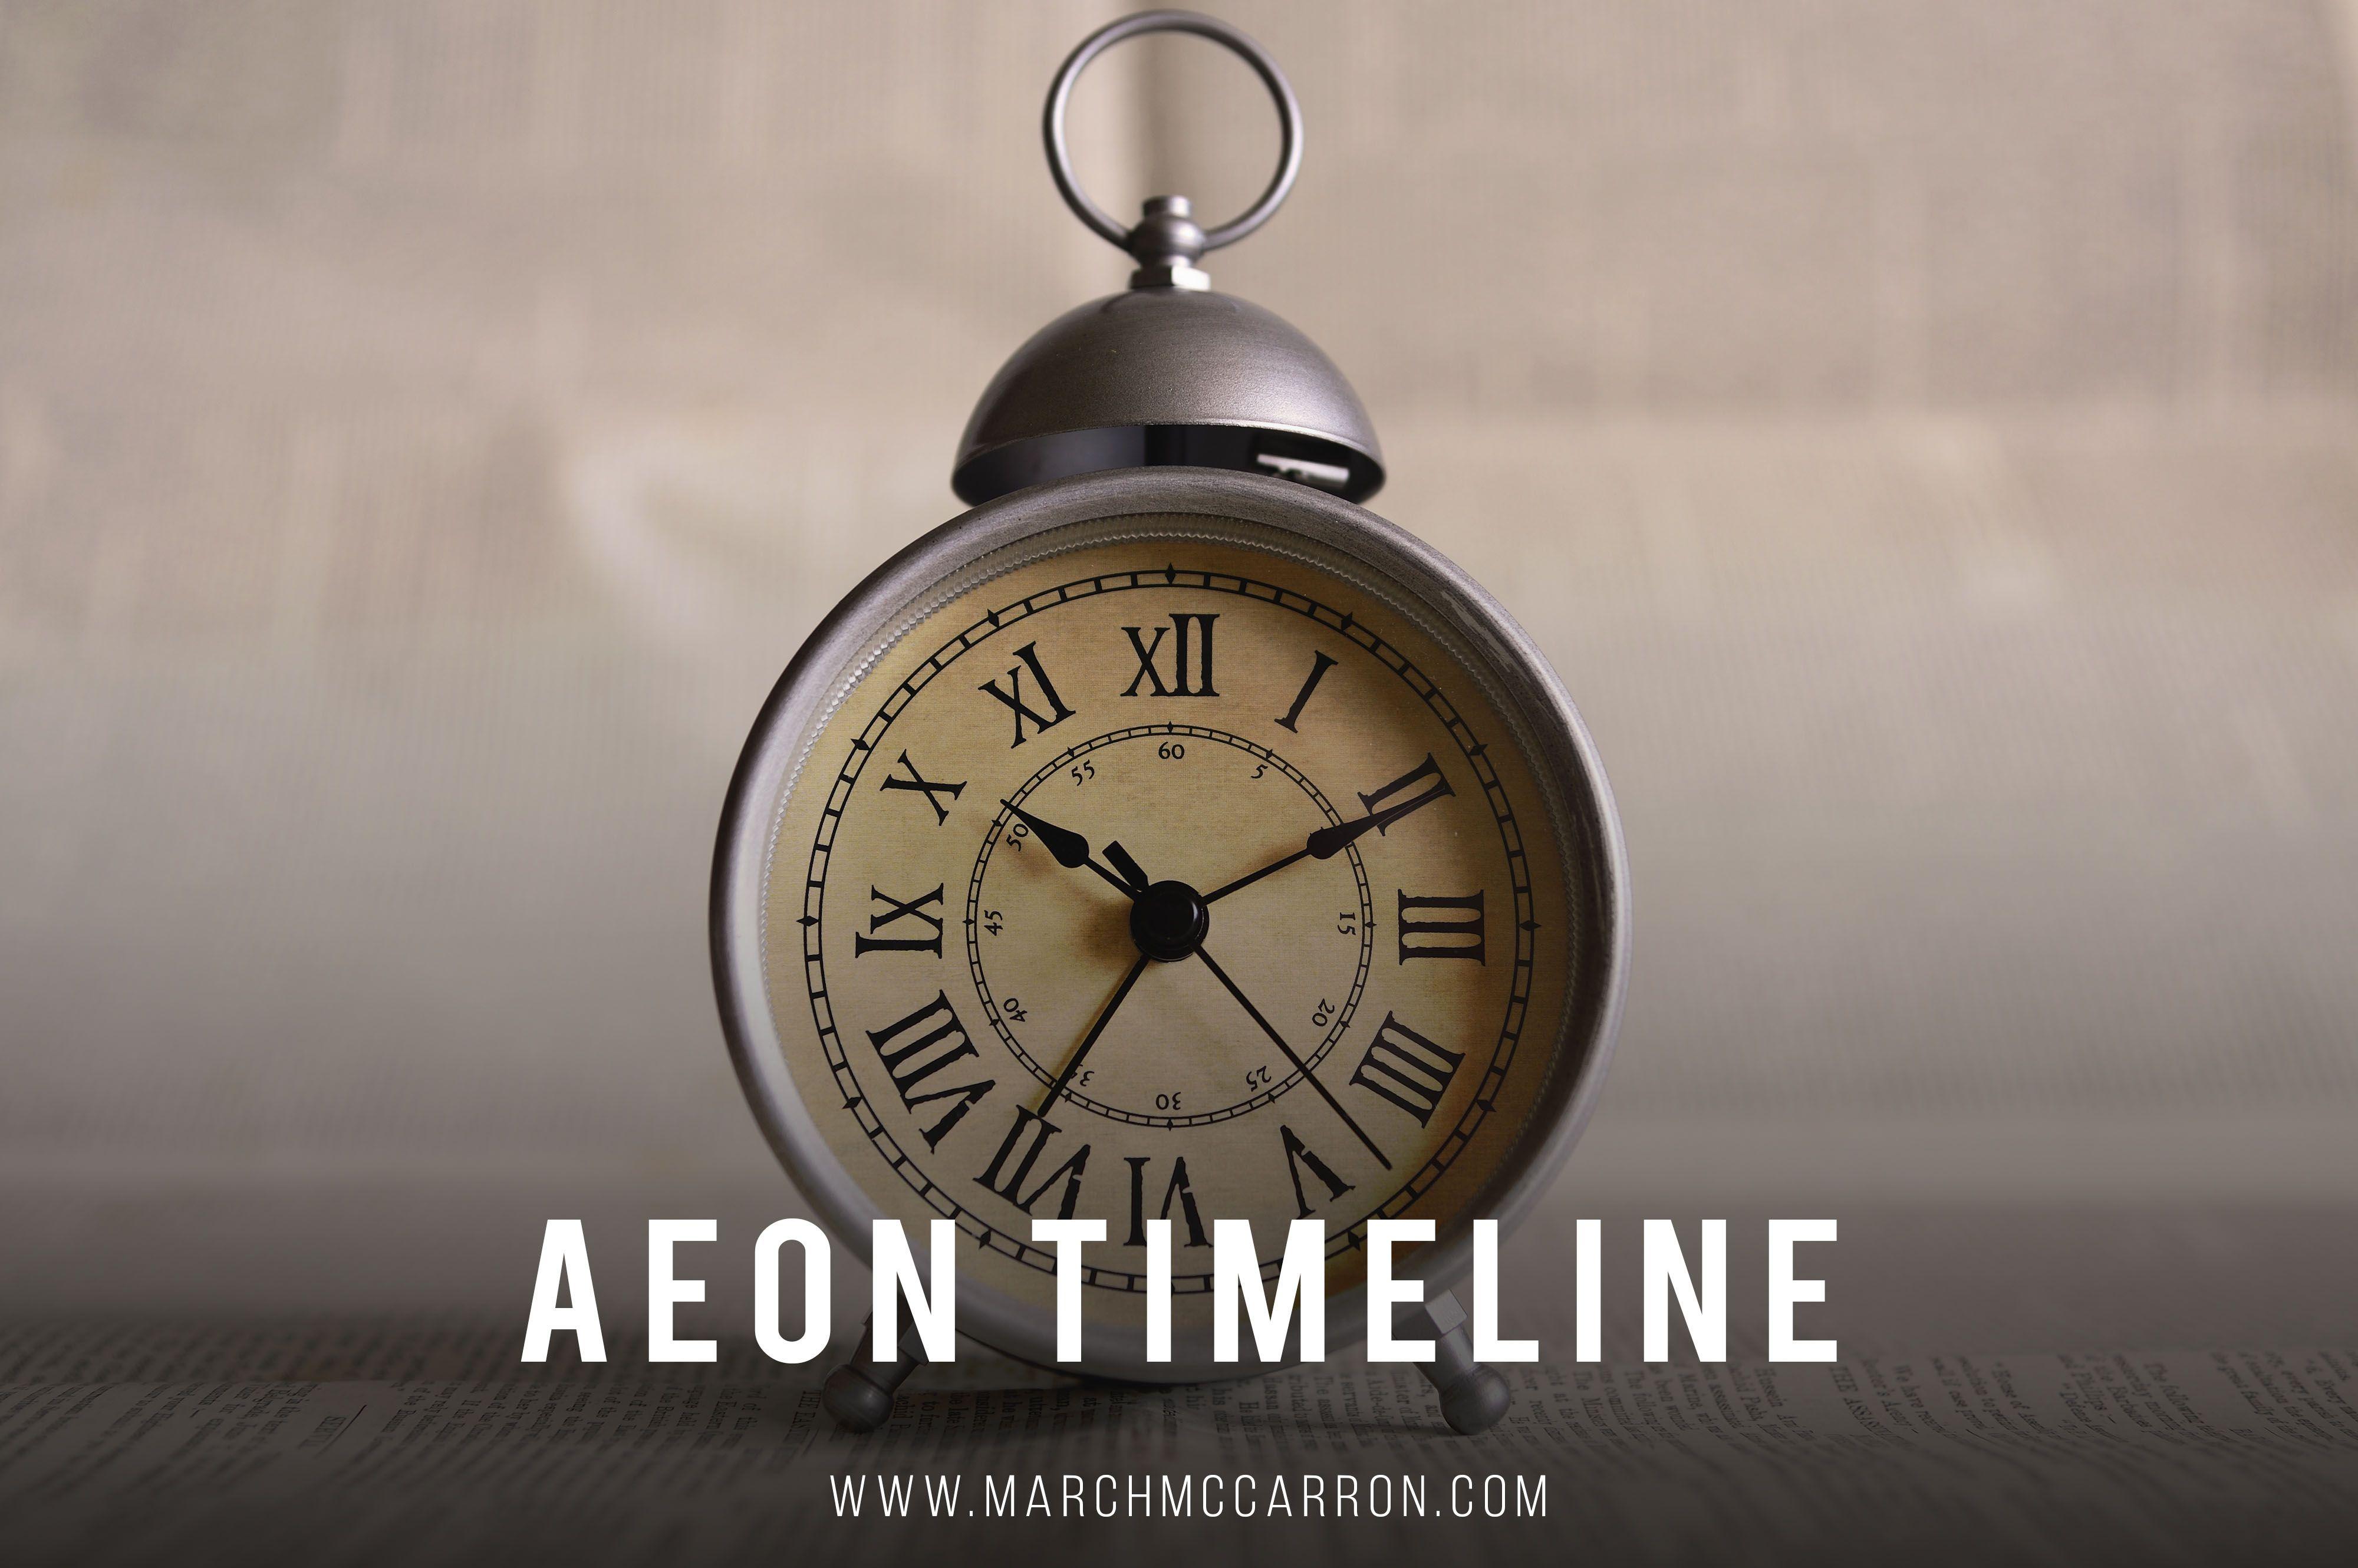 Aeon timeline alarm clock color clock